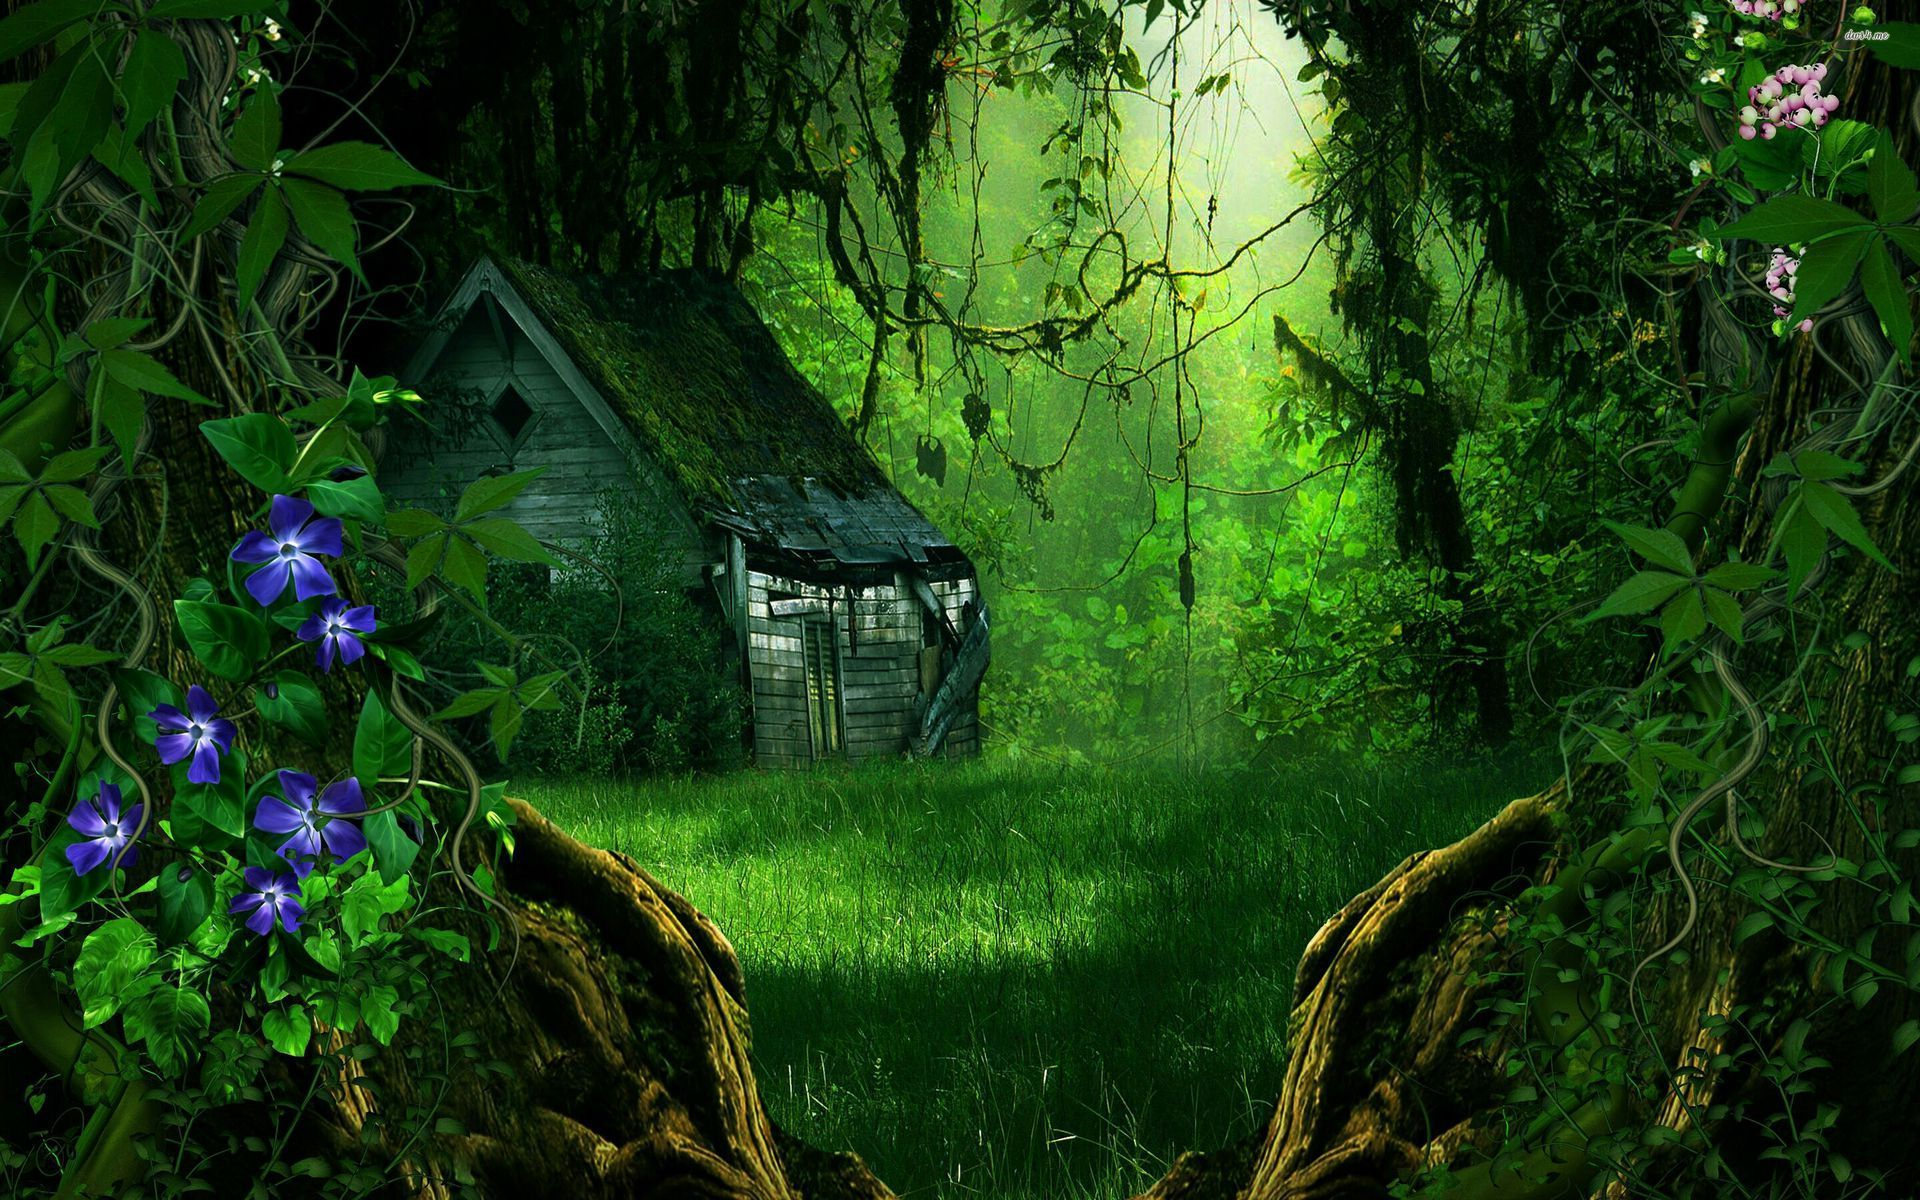 1920x1200 Tài nguyên.  Rừng tưởng tượng, Hình nền rừng, Ngôi nhà trong rừng